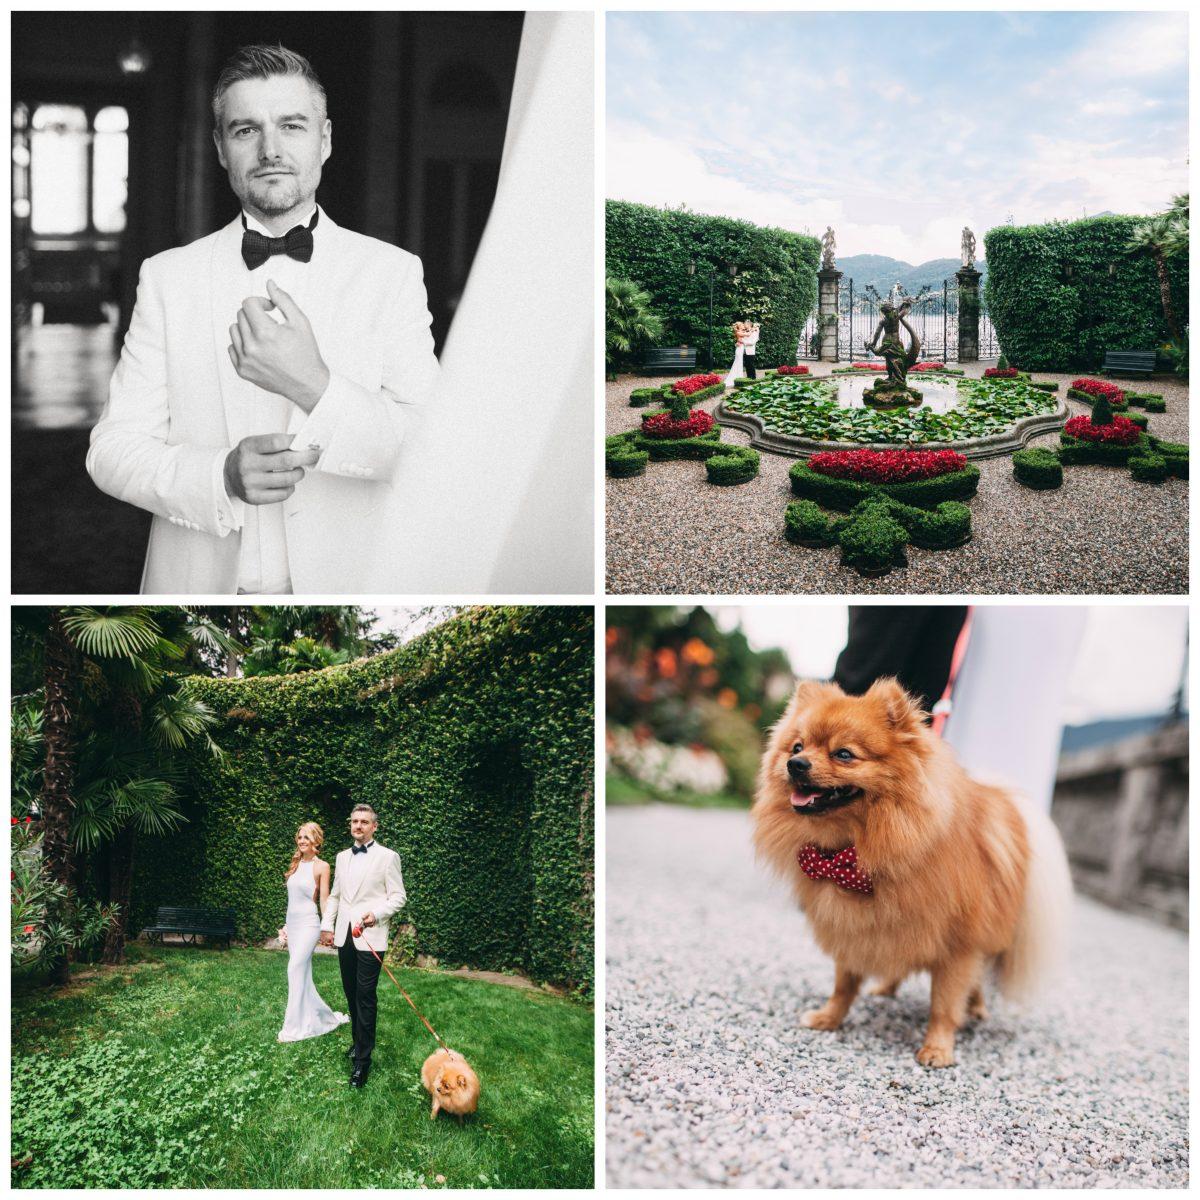 фотограф в Италии, photographer in Paris,Фотограф в Париже, свадебный фотограф в Таллинне, швейцарии, испании, париже, Villa Carlotta